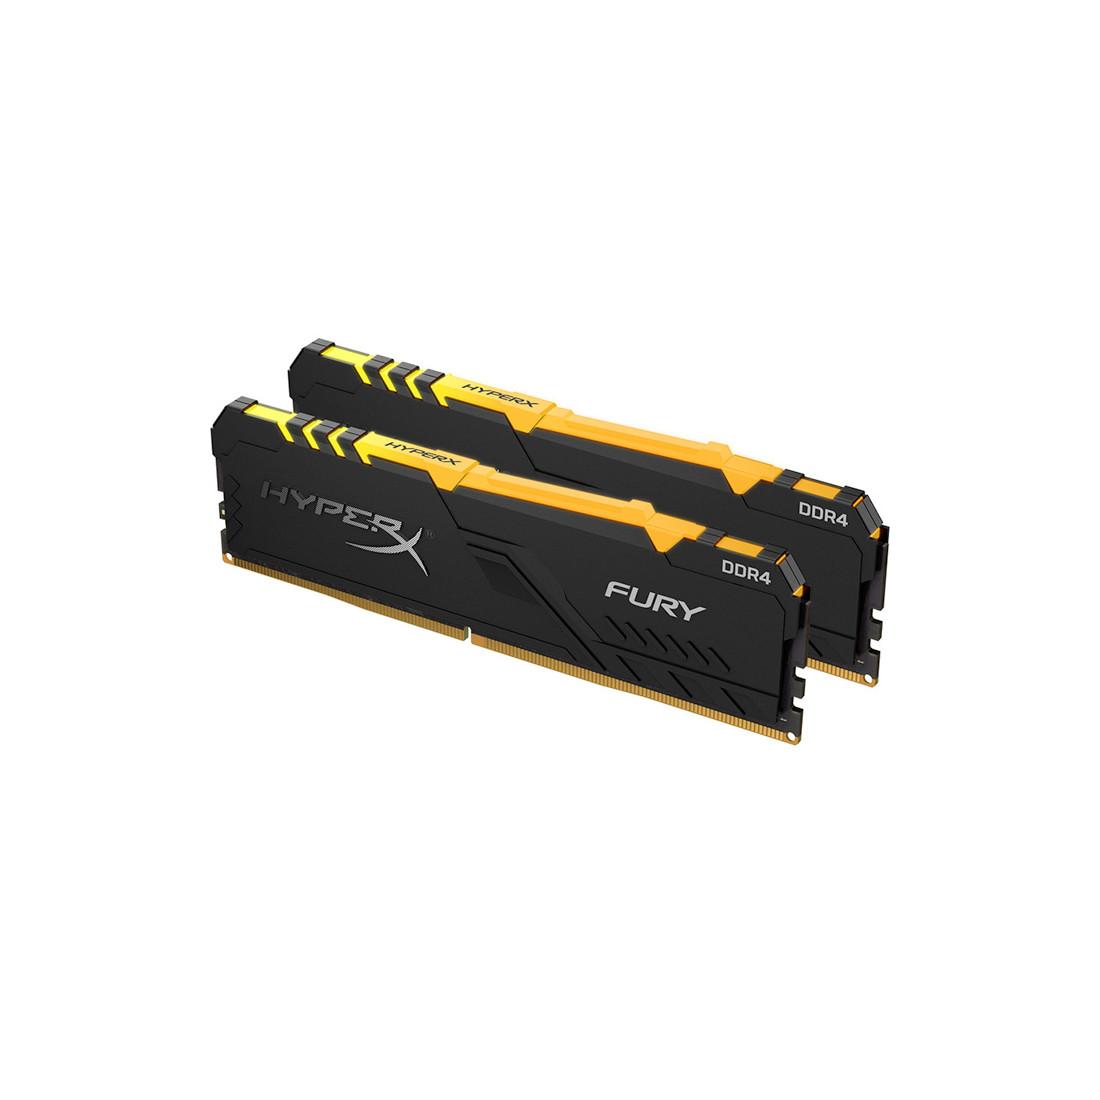 Комплект модулей памяти Kingston HyperX Fury RGB HX434C16FB3AK2/16 DDR4 16G (2x8G) 3466MHz